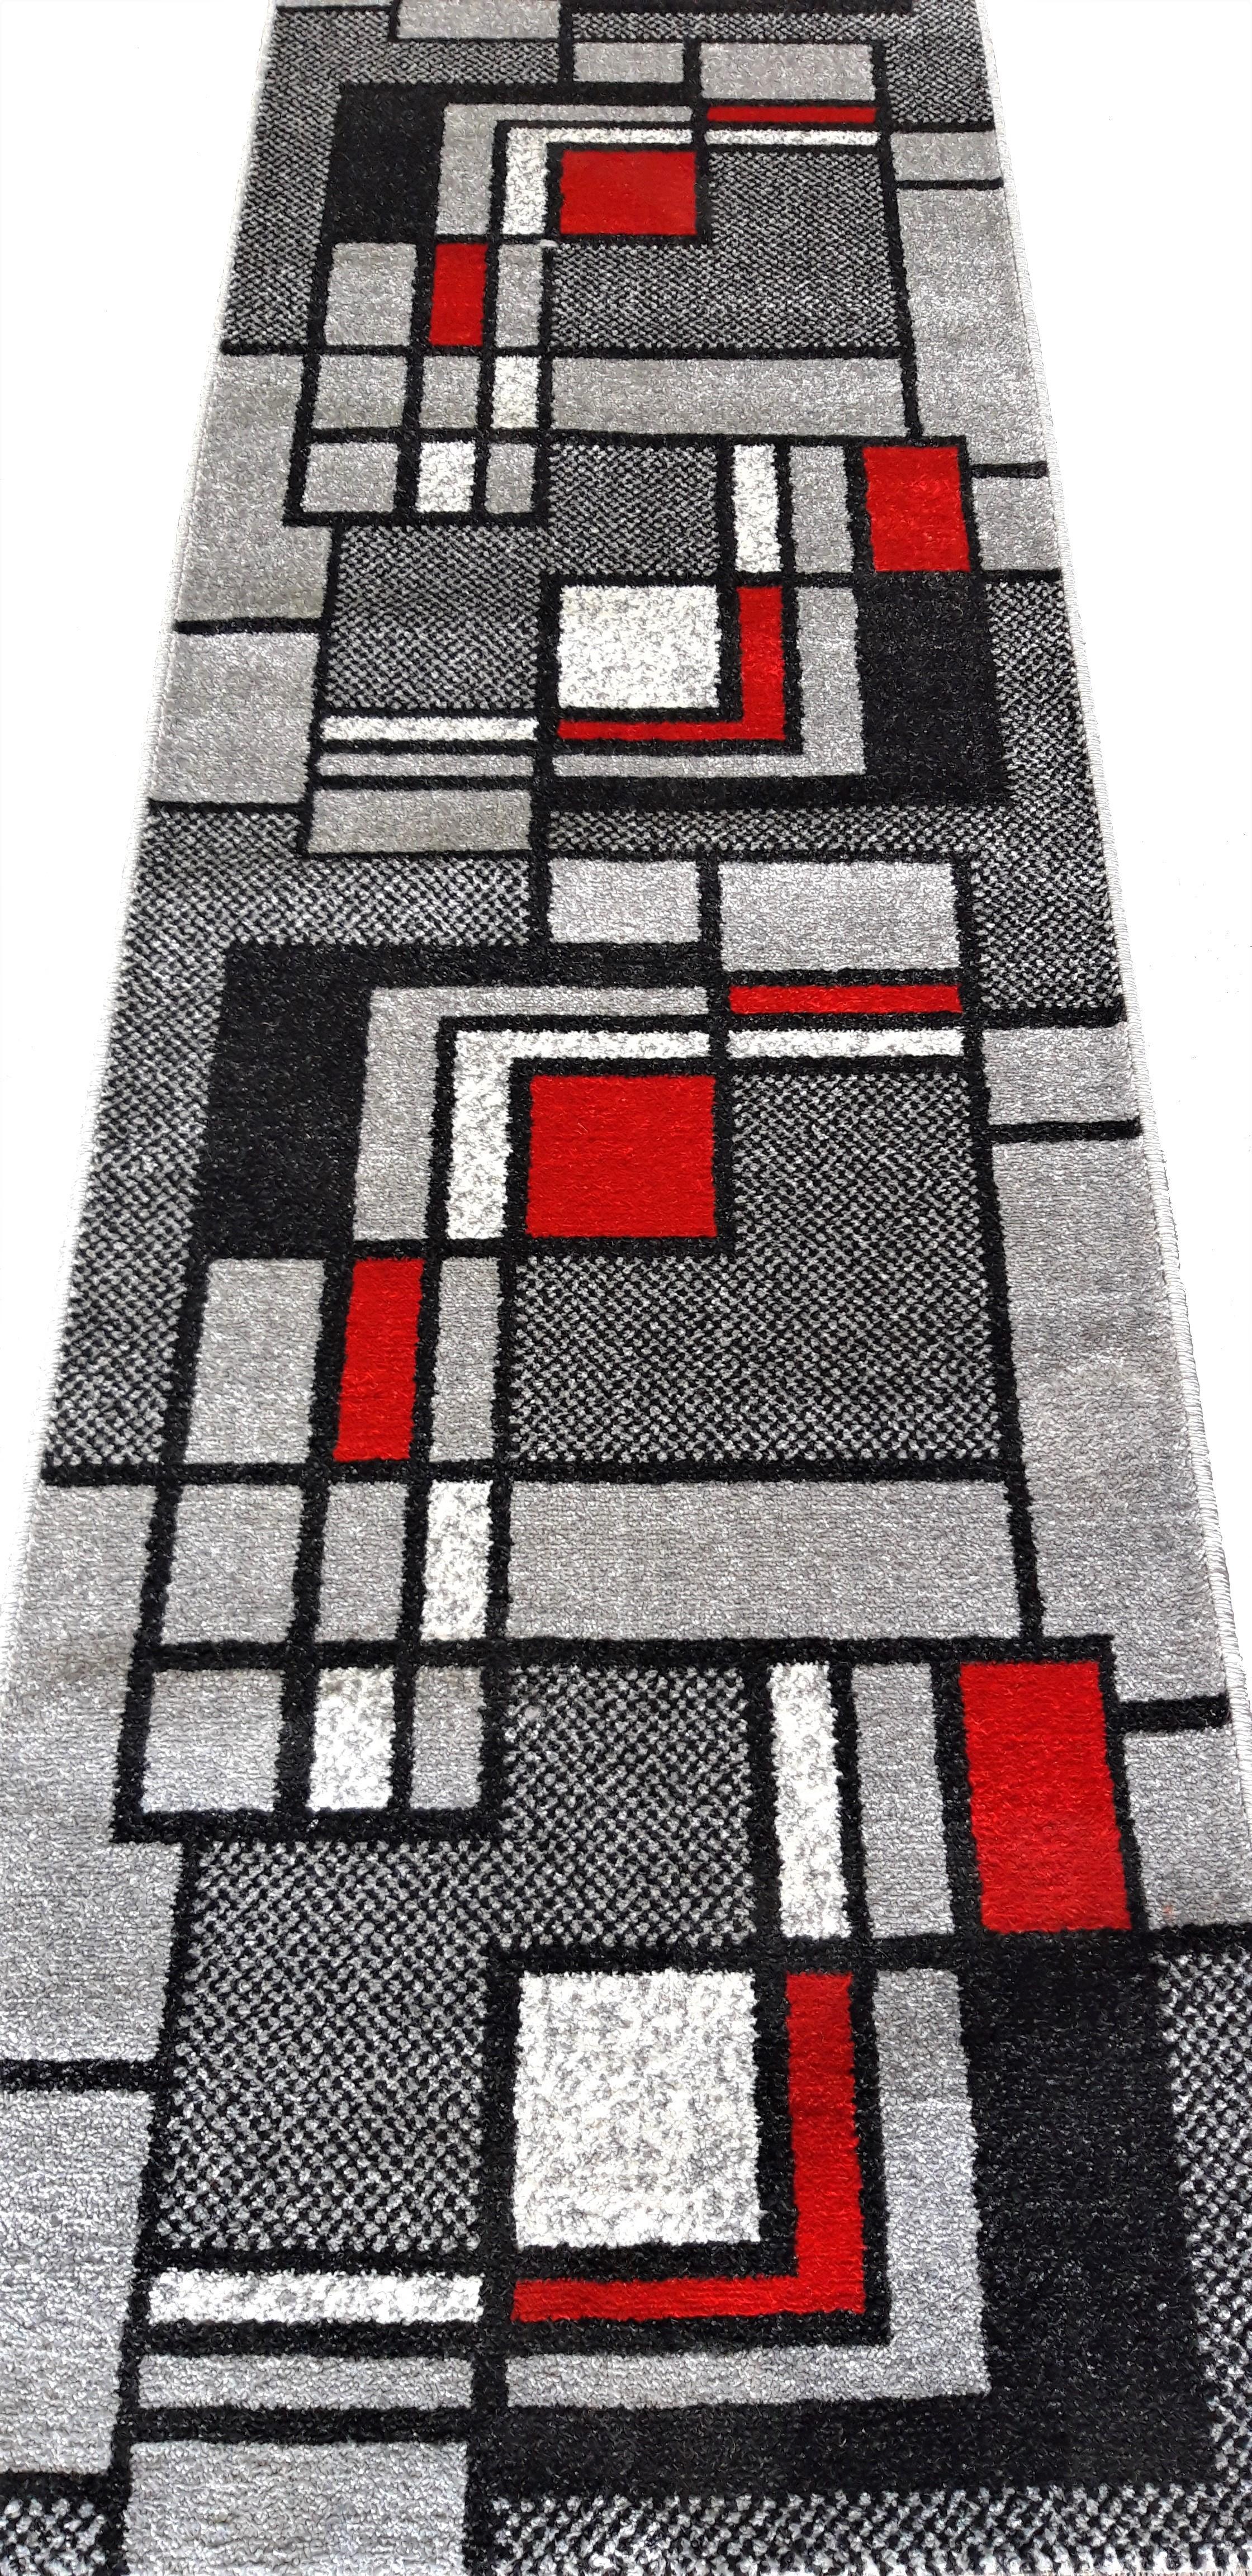 Traversa Covor, Cappuccino 16406, Multicolor, 80x500 cm, 1700 gr/mp, 0.8x5 m. 0